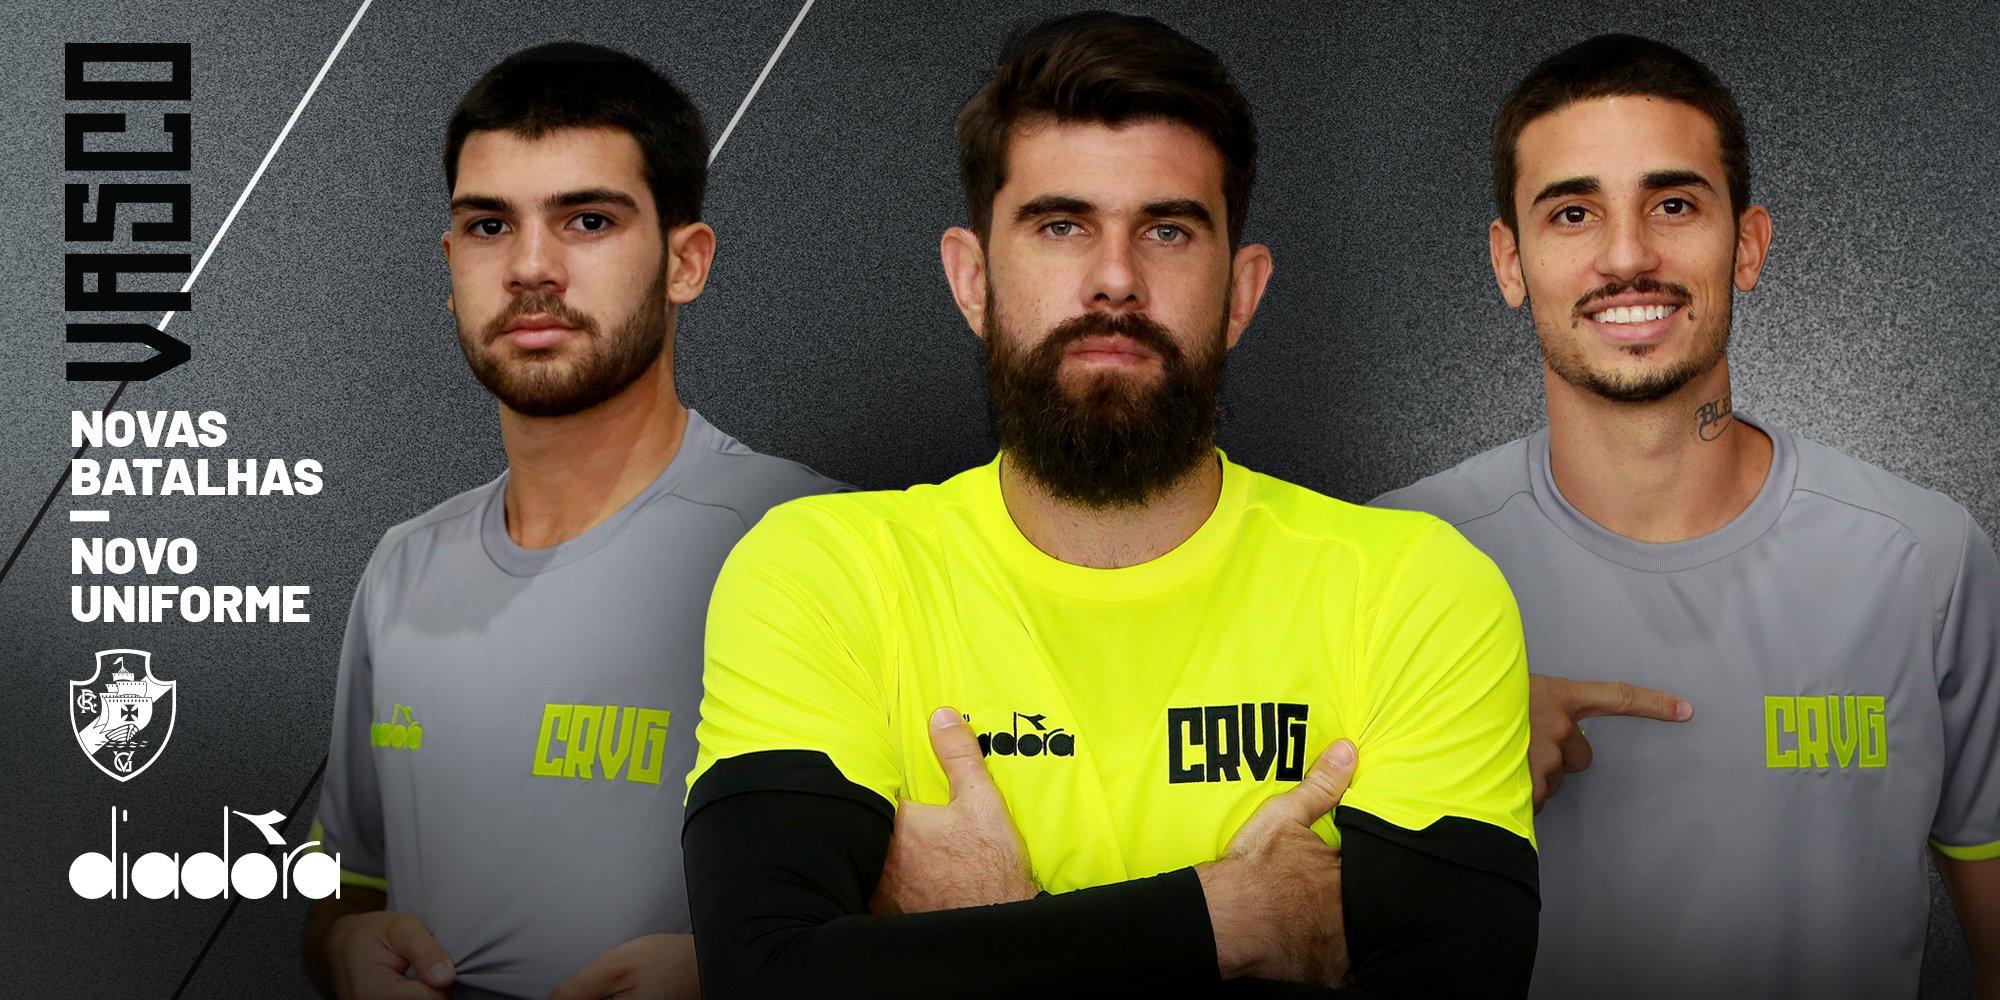 Novas camisas de treino do Vasco